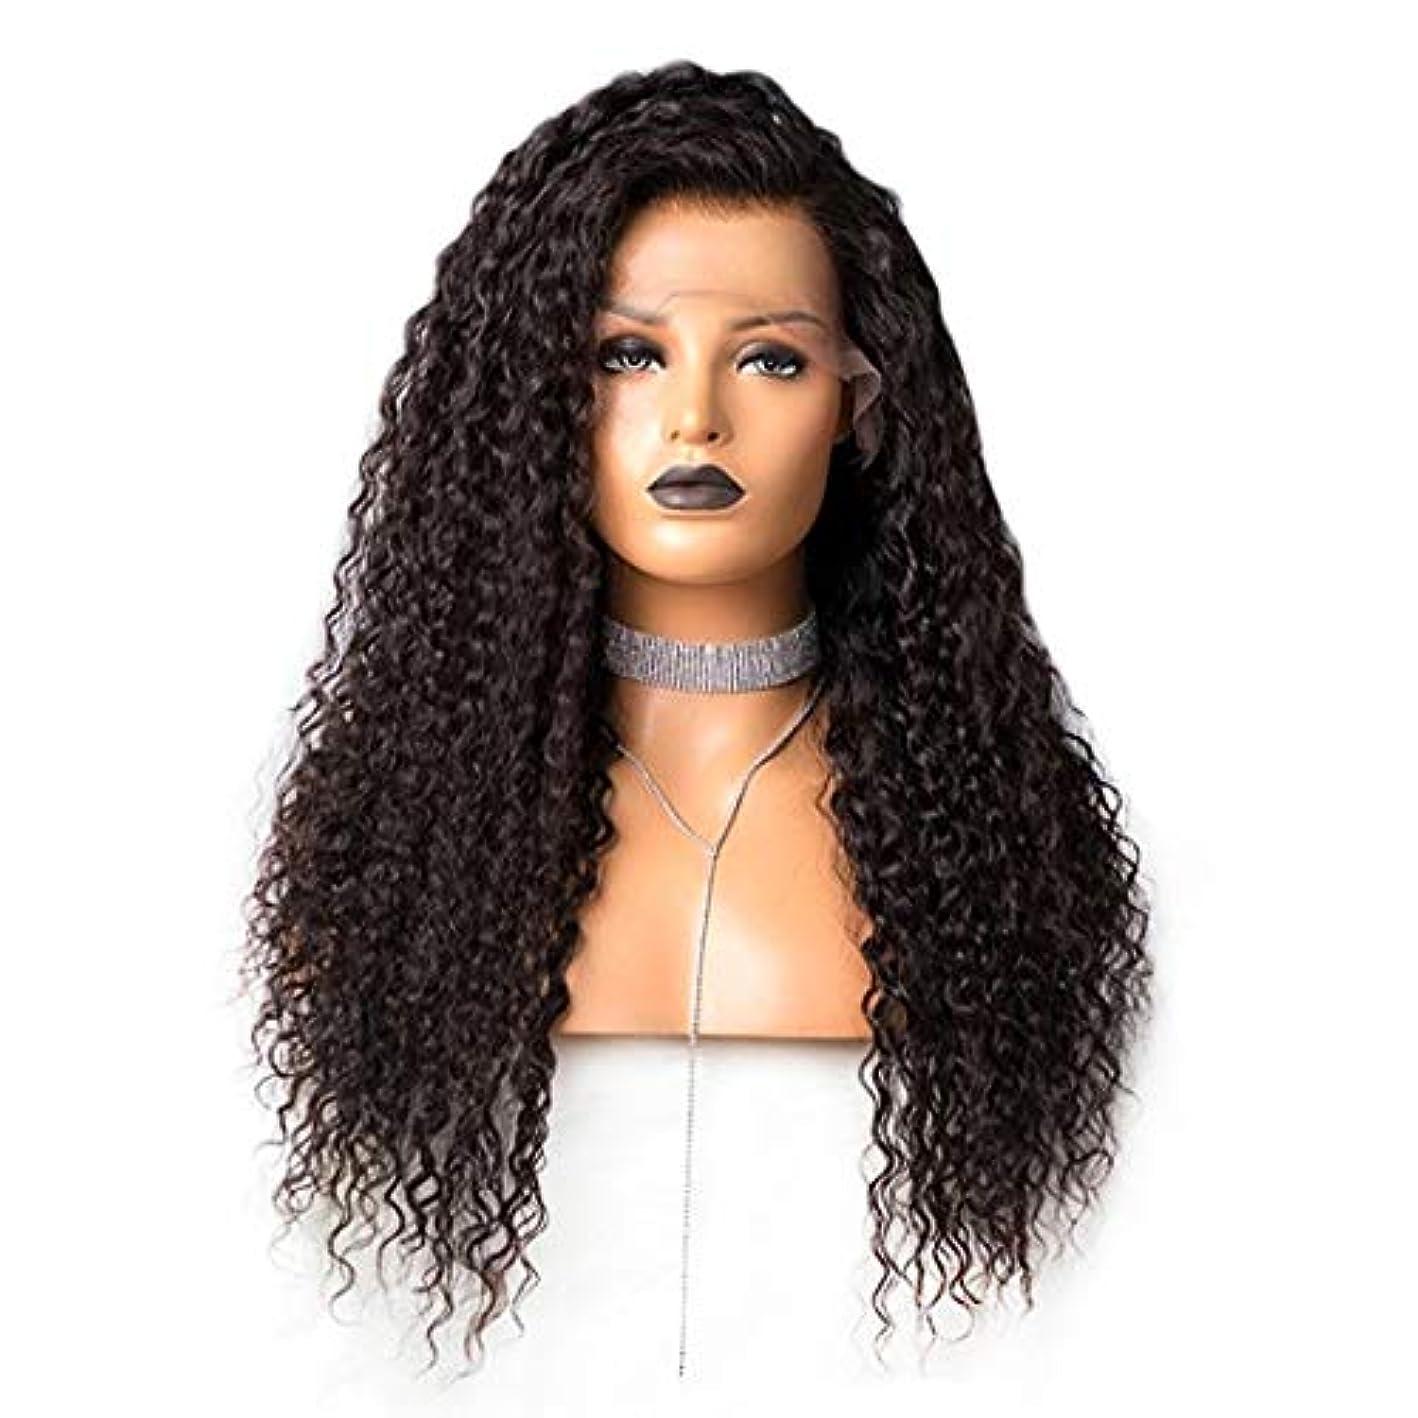 後方ばかげているジョリーKoloeplf 女性のための長い緩いカーリー合成かつら黒い色の髪 (Size : 24inch)